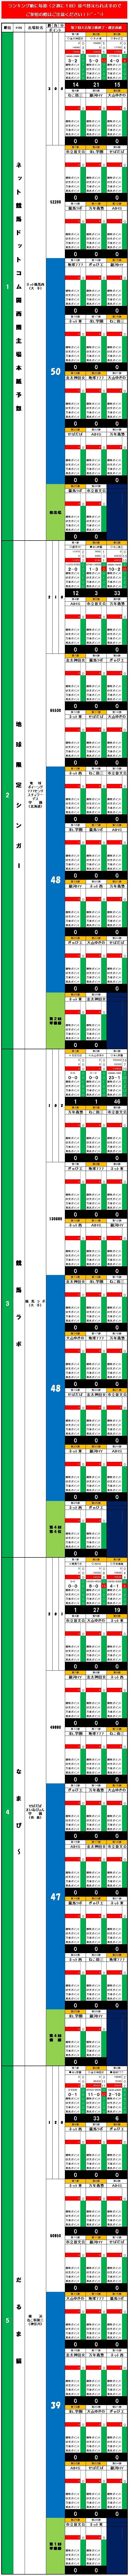 20150802・ダルマンリーグ第3節後半終了個人成績データ①.jpg